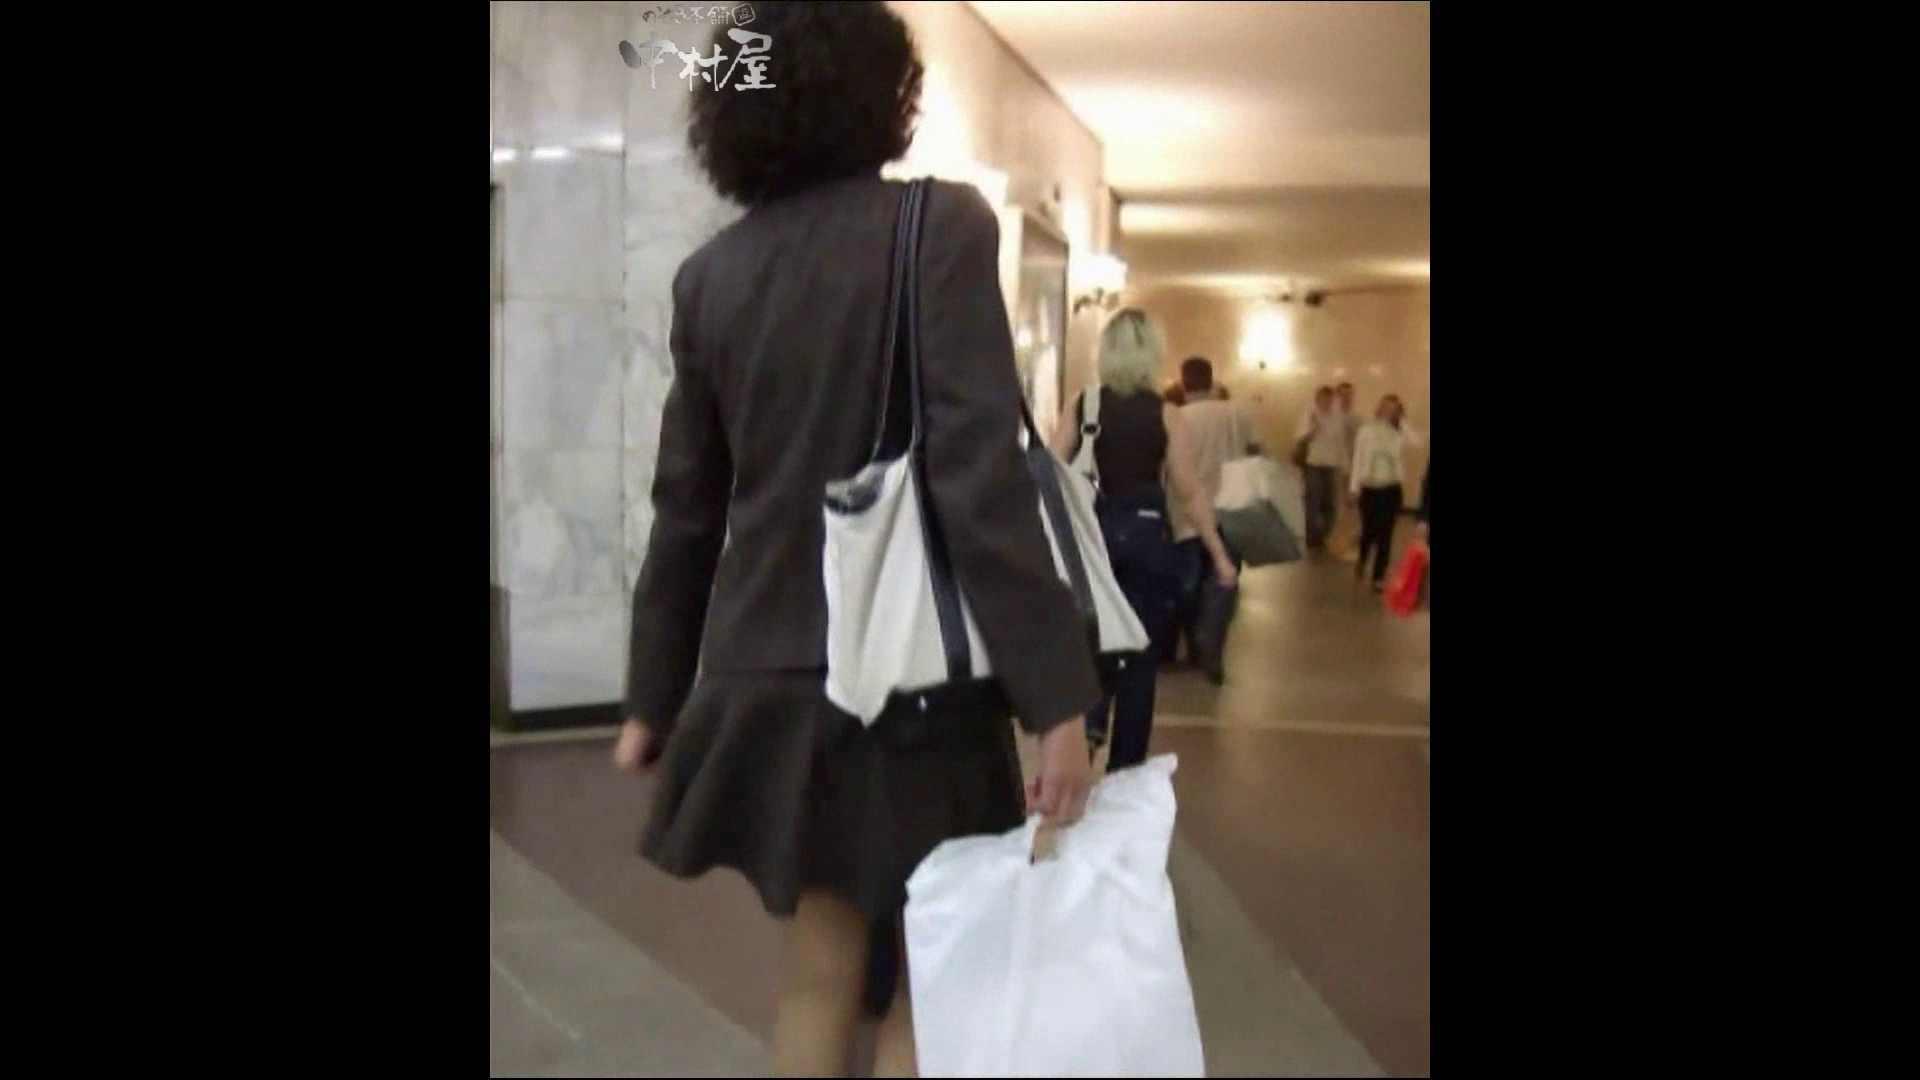 綺麗なモデルさんのスカート捲っちゃおう‼ vol17 お姉さんのエロ動画  94PIX 52